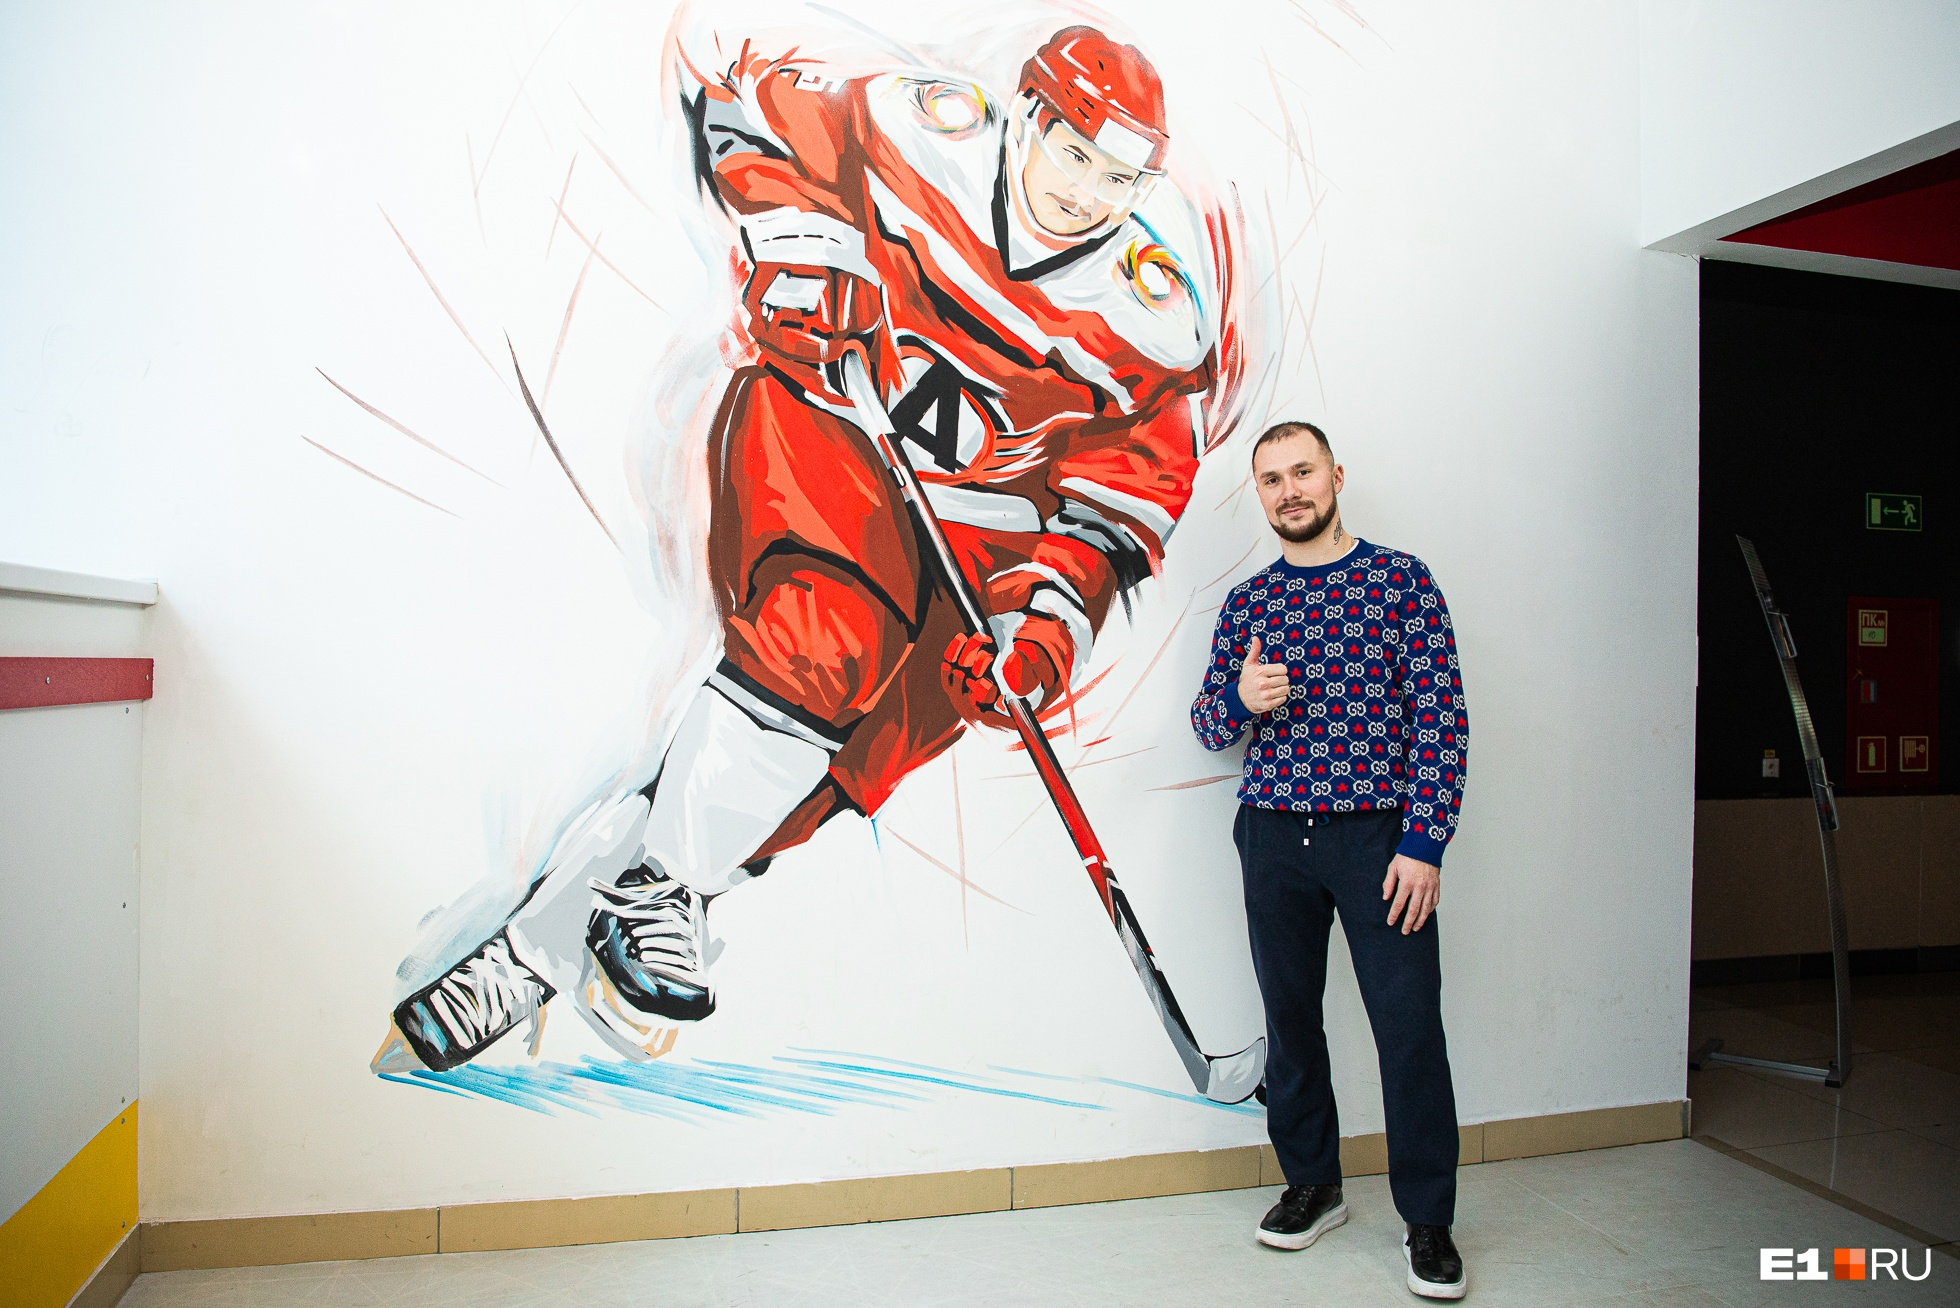 На стенах в «Уральце» есть граффити с Анатолием Голышевым, причем не одно